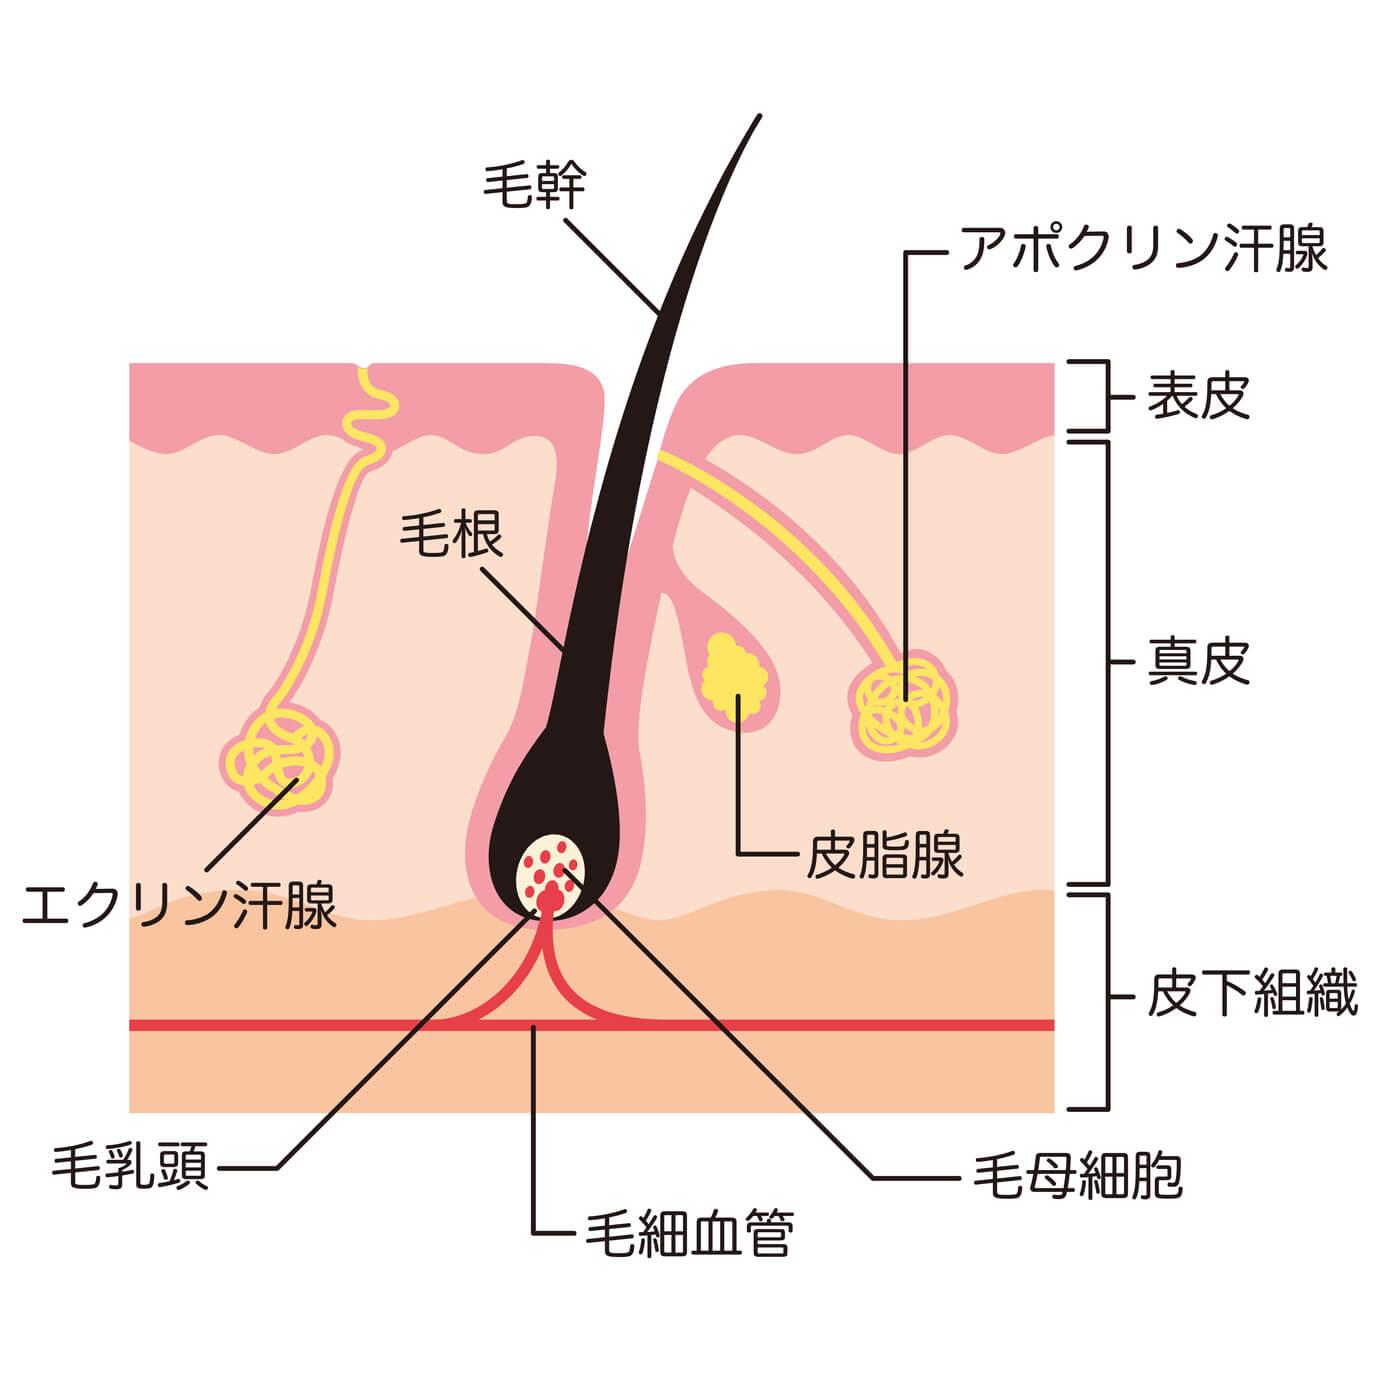 頭皮の構造のイメージ